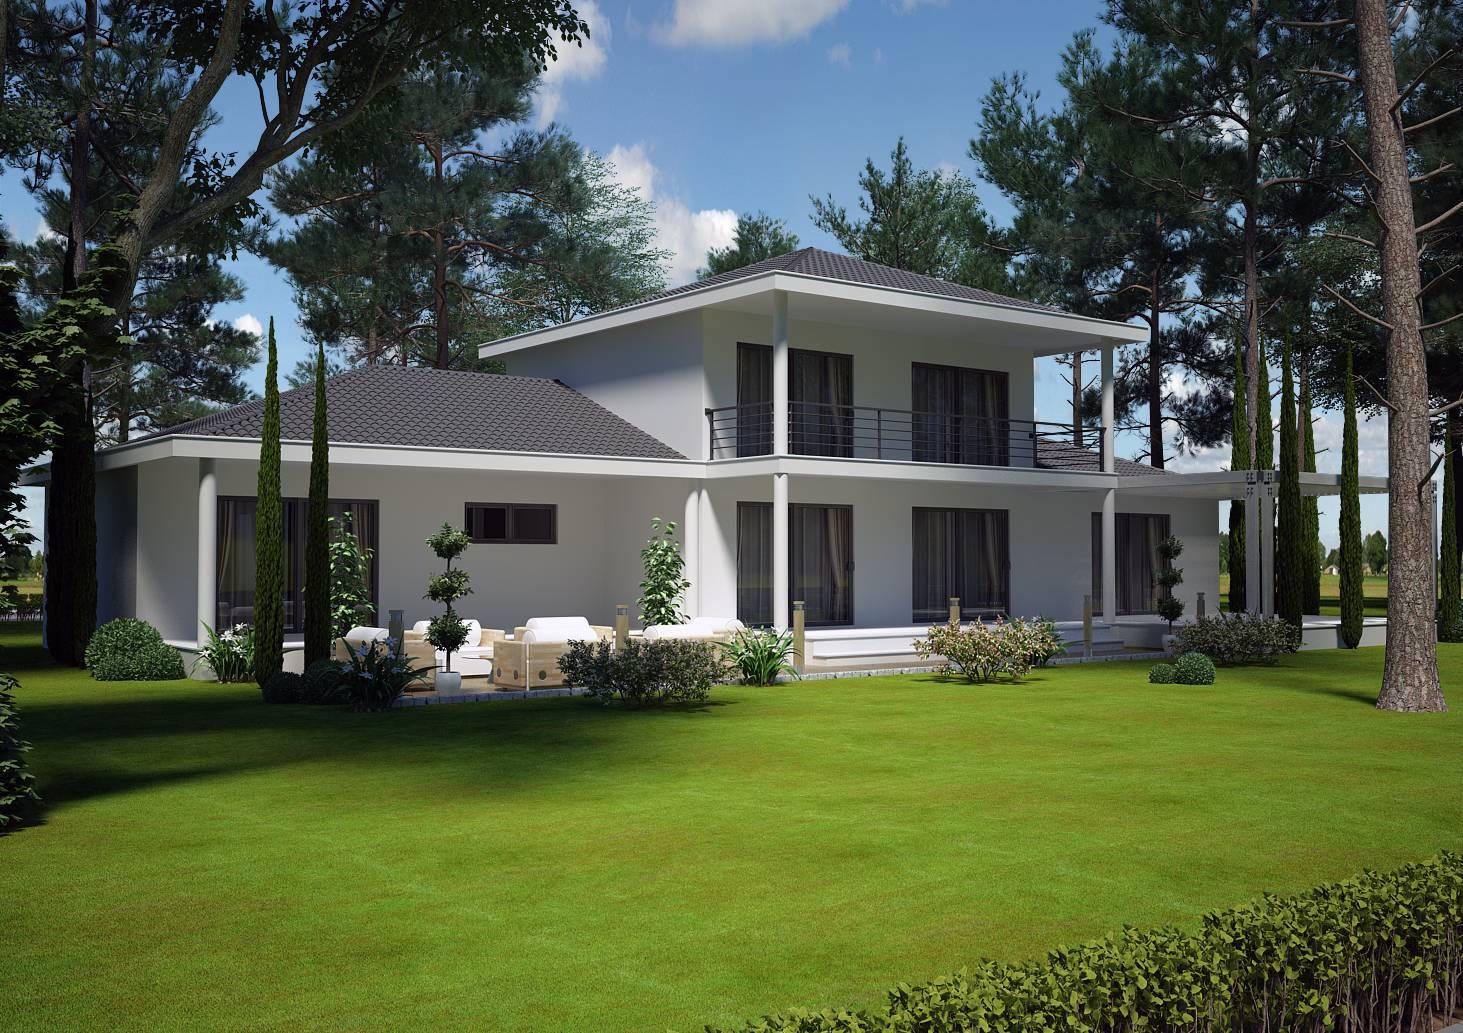 Modele de villa contemporaine maison fran ois fabie - Maison moderne 150m2 ...